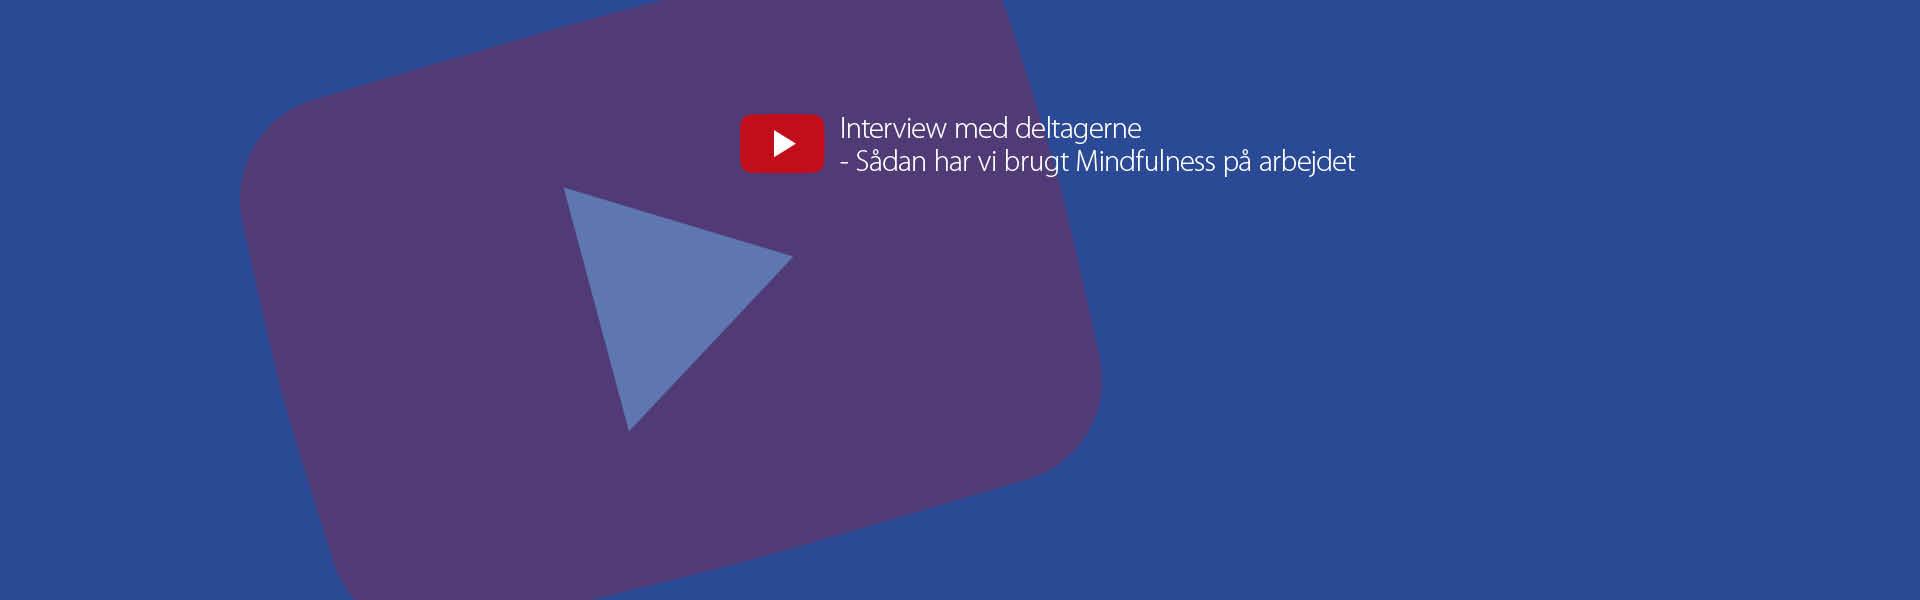 Videocover_1920x600px_Interview med deltagerne Mindfulness